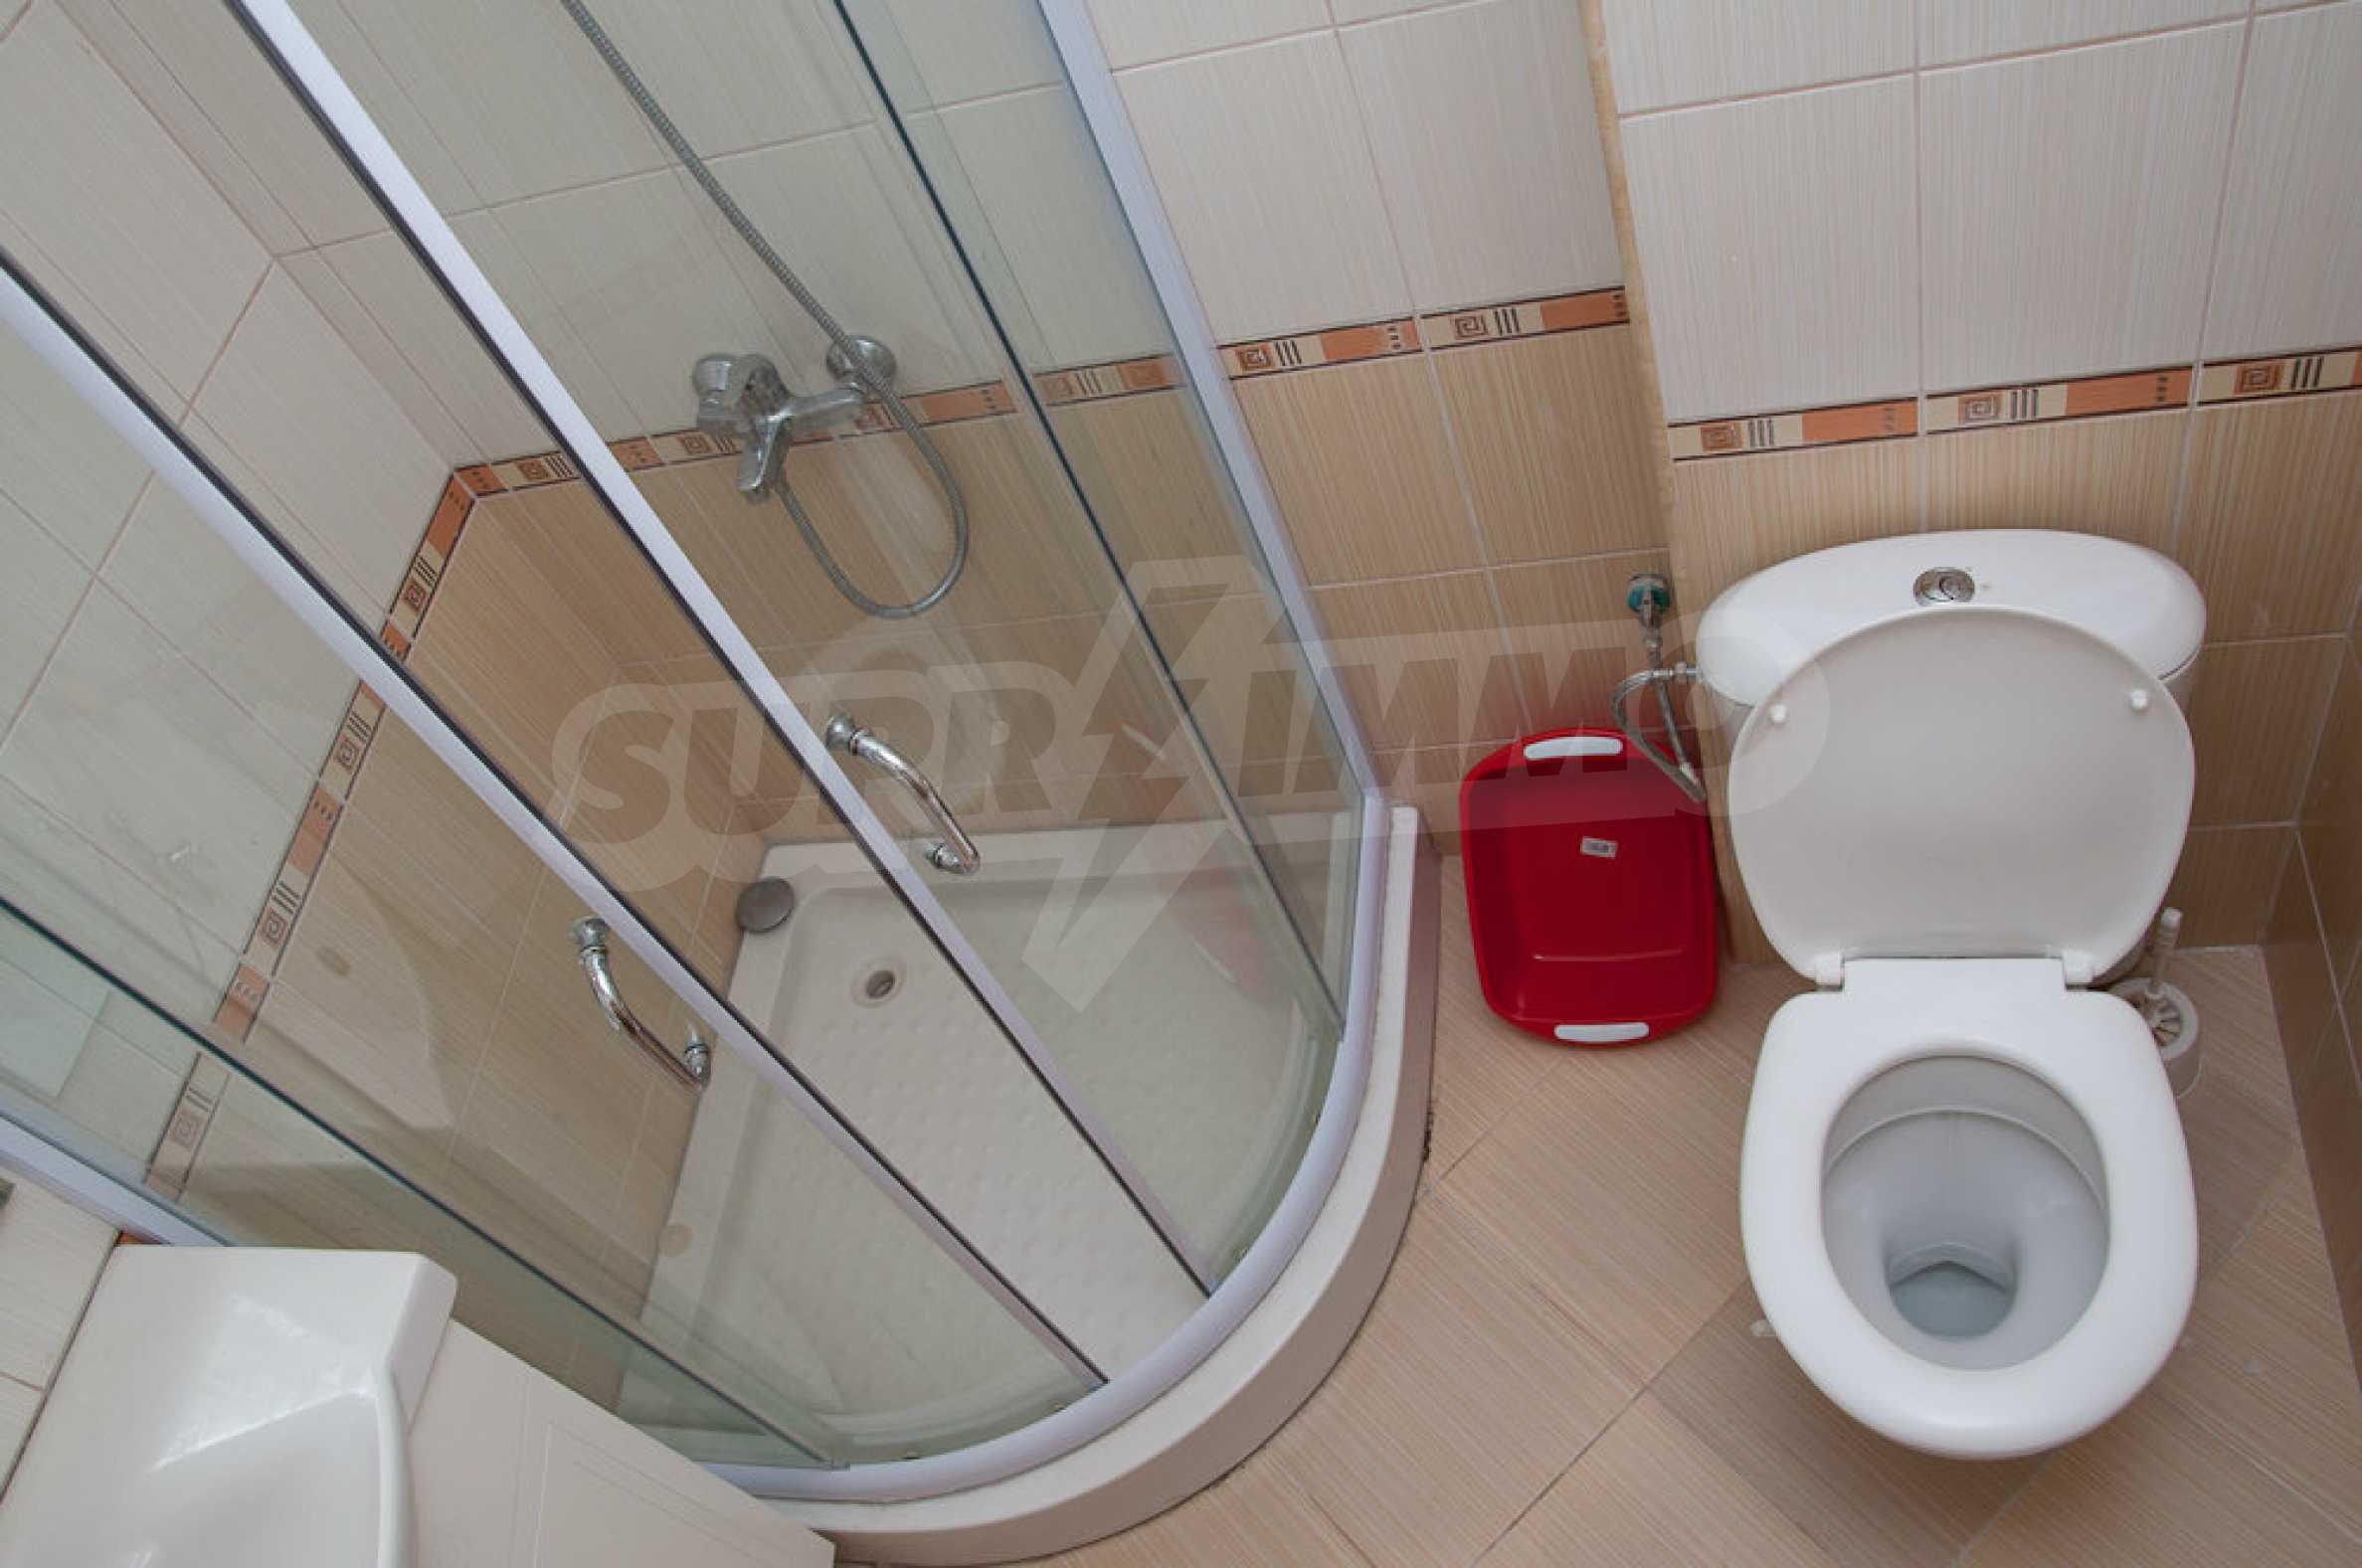 Апартаменты Диони / Dioni Apartments 13